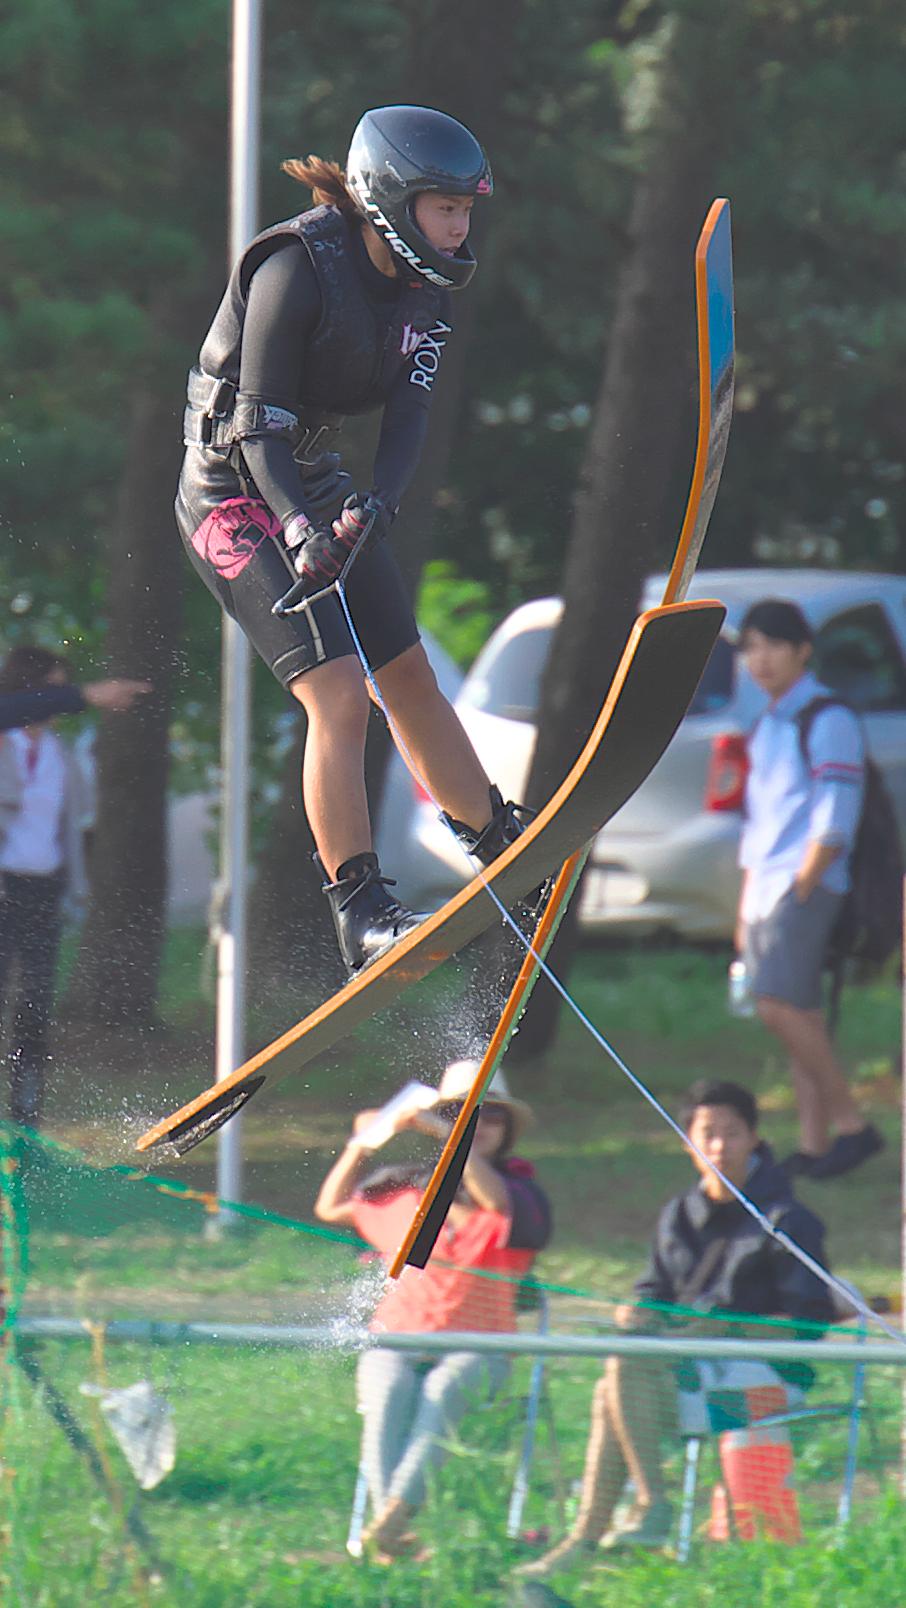 ジャンプ!真田紫帆選手(早)